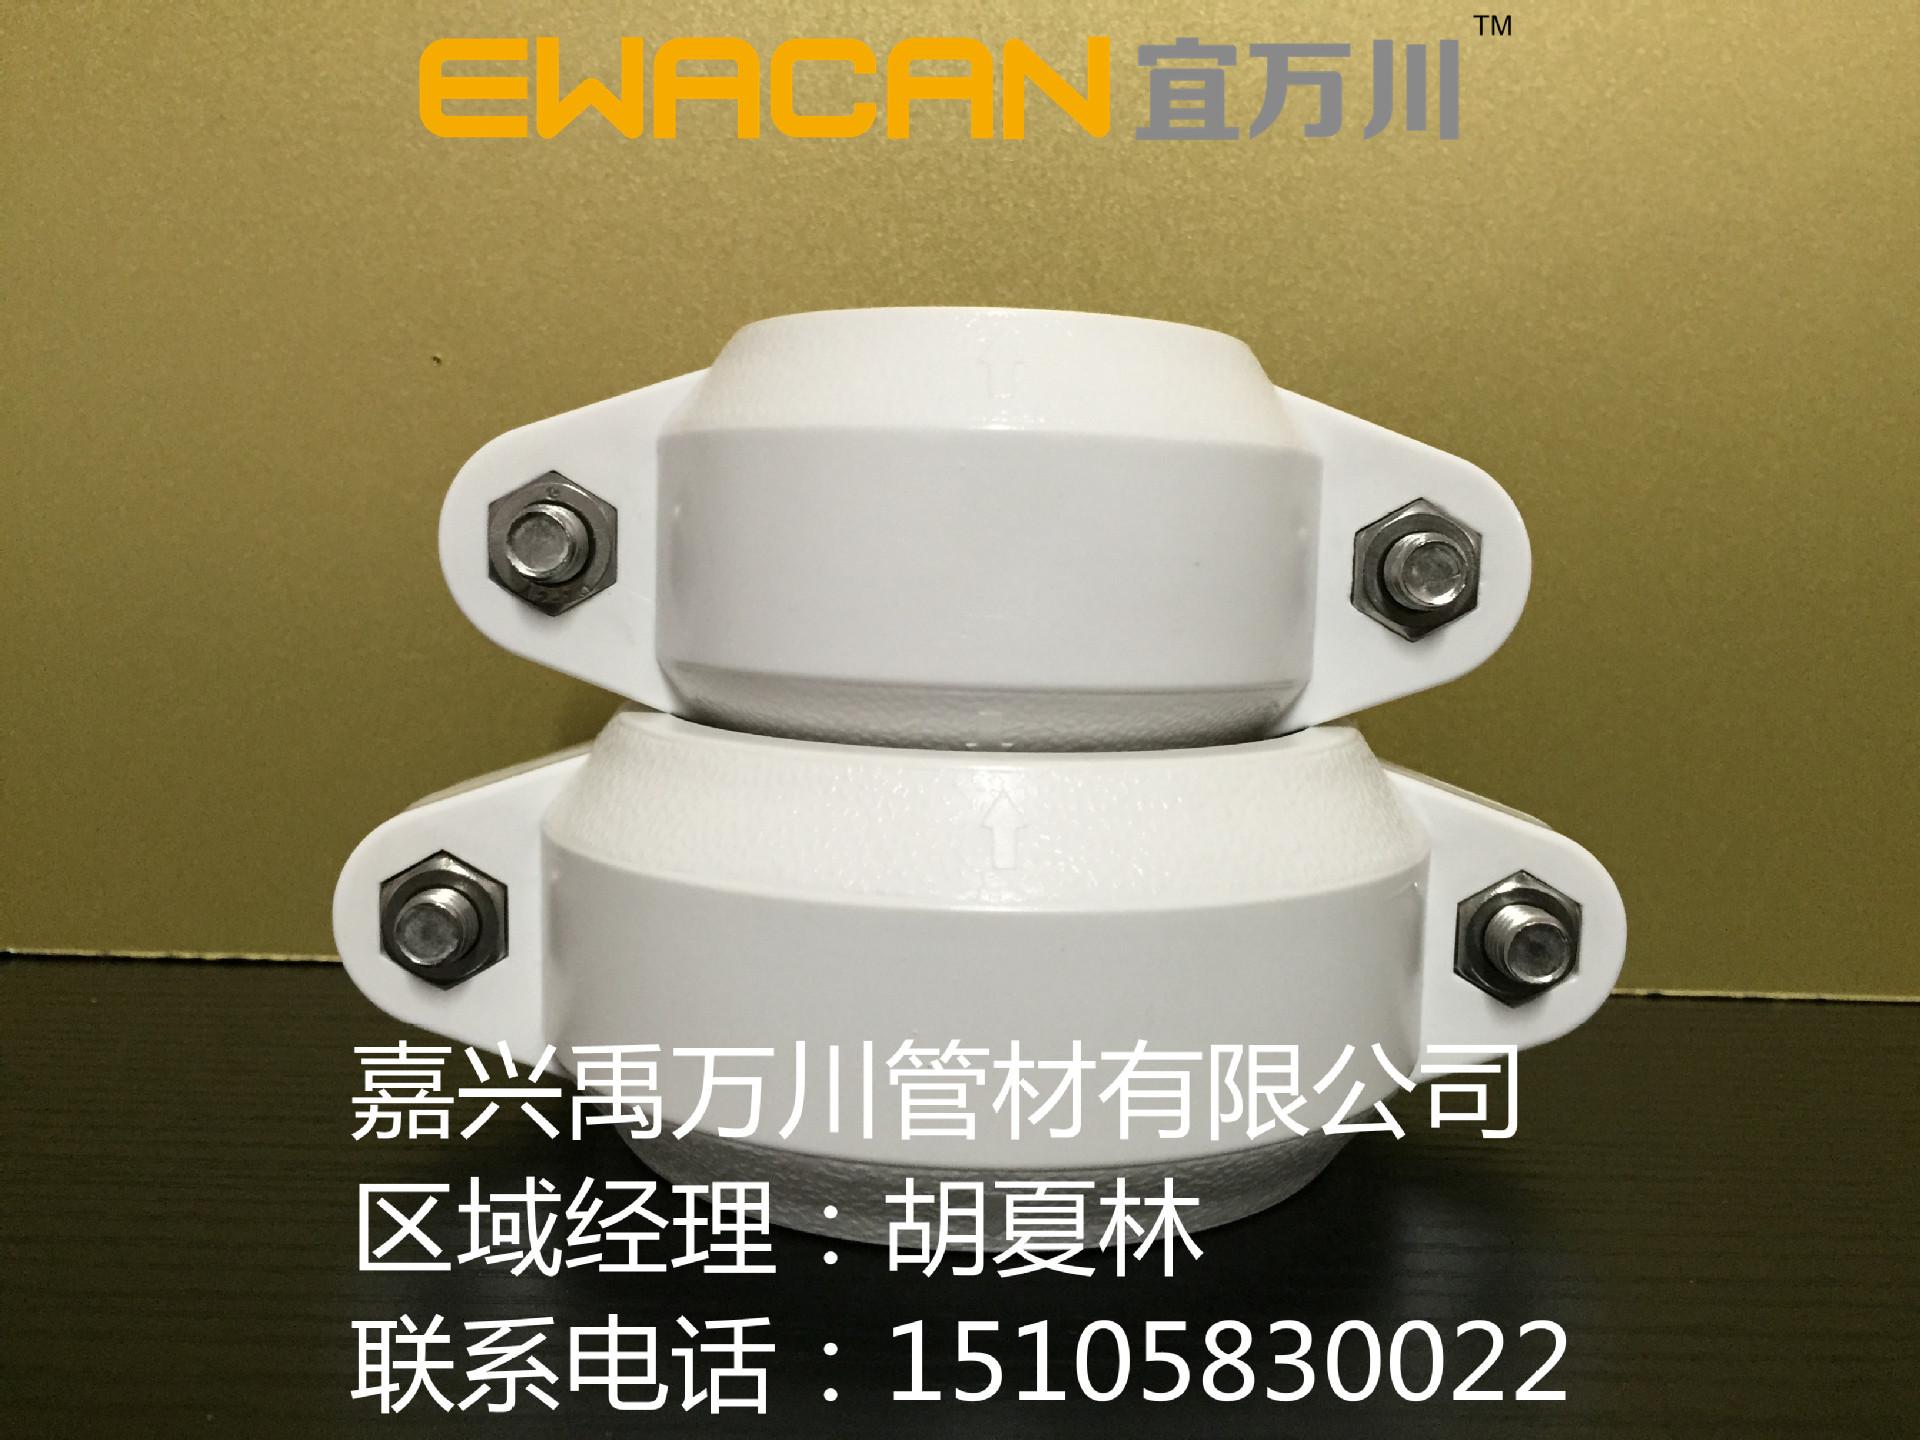 沟槽式hdpe静音排水管,hdpe沟槽管宜万川柔性连接PE管ABS卡箍示例图2